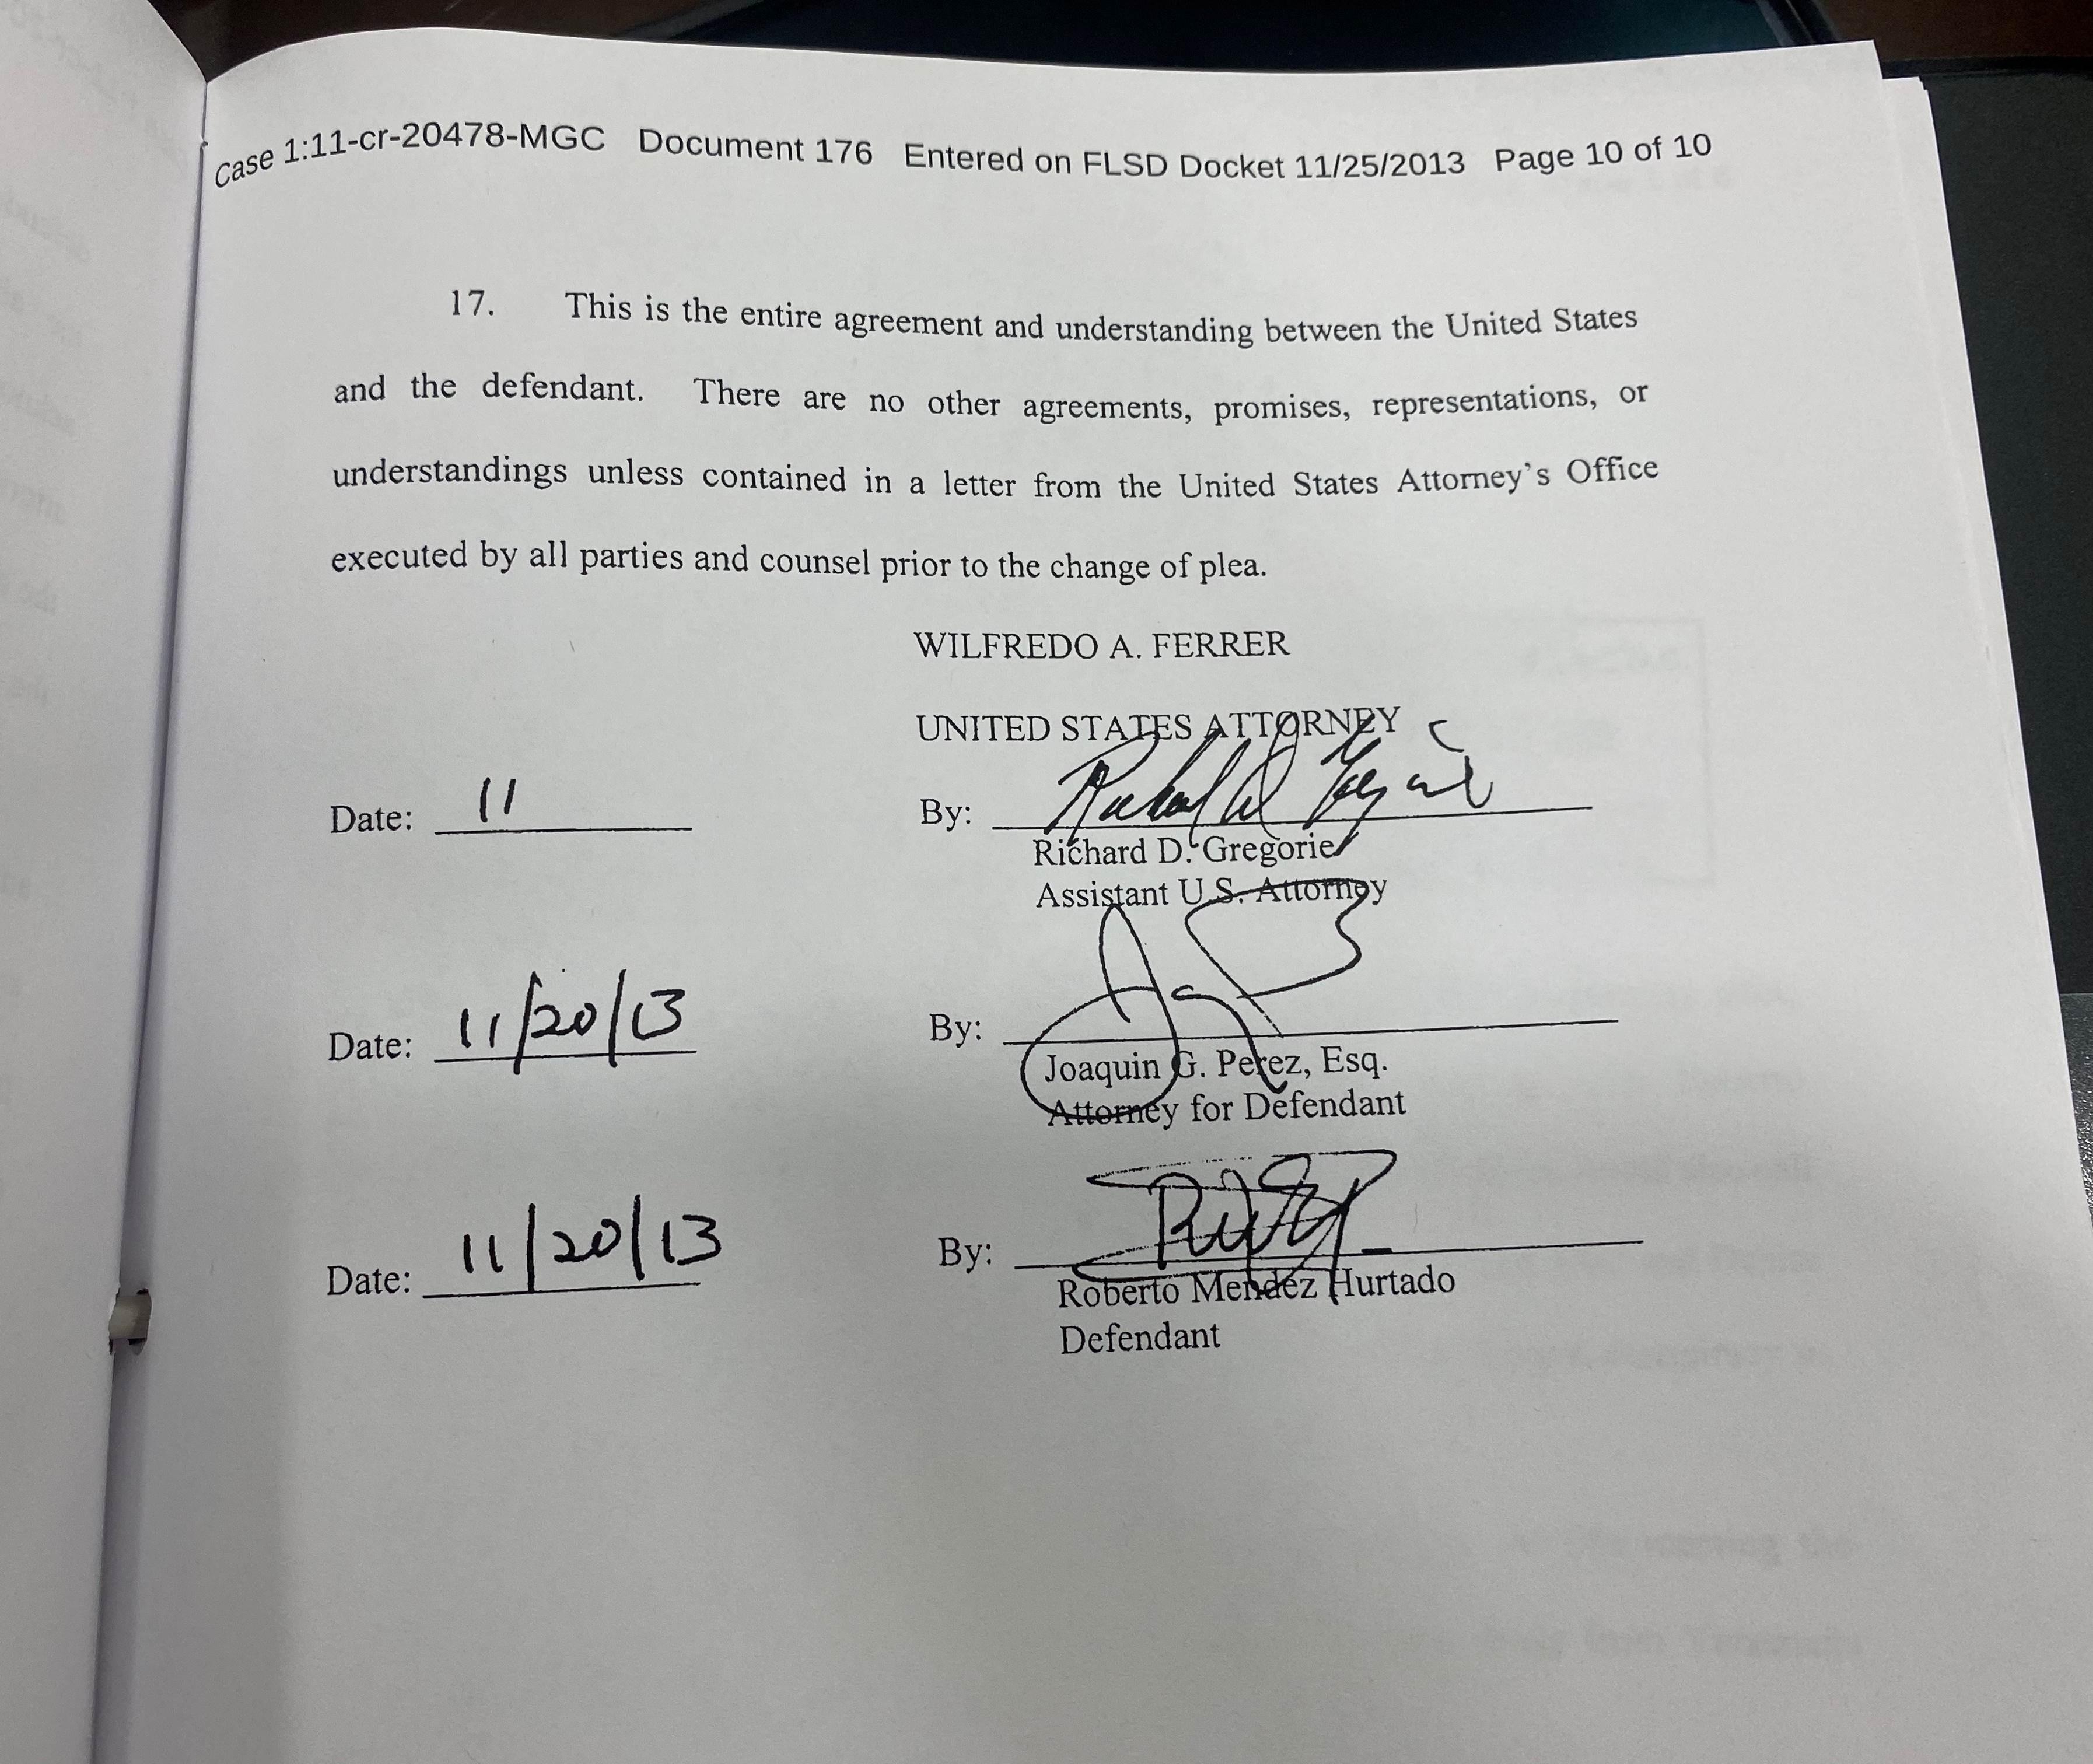 Prueba del acuerdo firmado entre el Fiscal Richard Gregorie y el narcotraficante Roberto Méndez Hurtado donde se comprueba su negociación para bajarle la condena de 4 cadenas perpetuas a 19 años de prisión a cambio de información falsa.